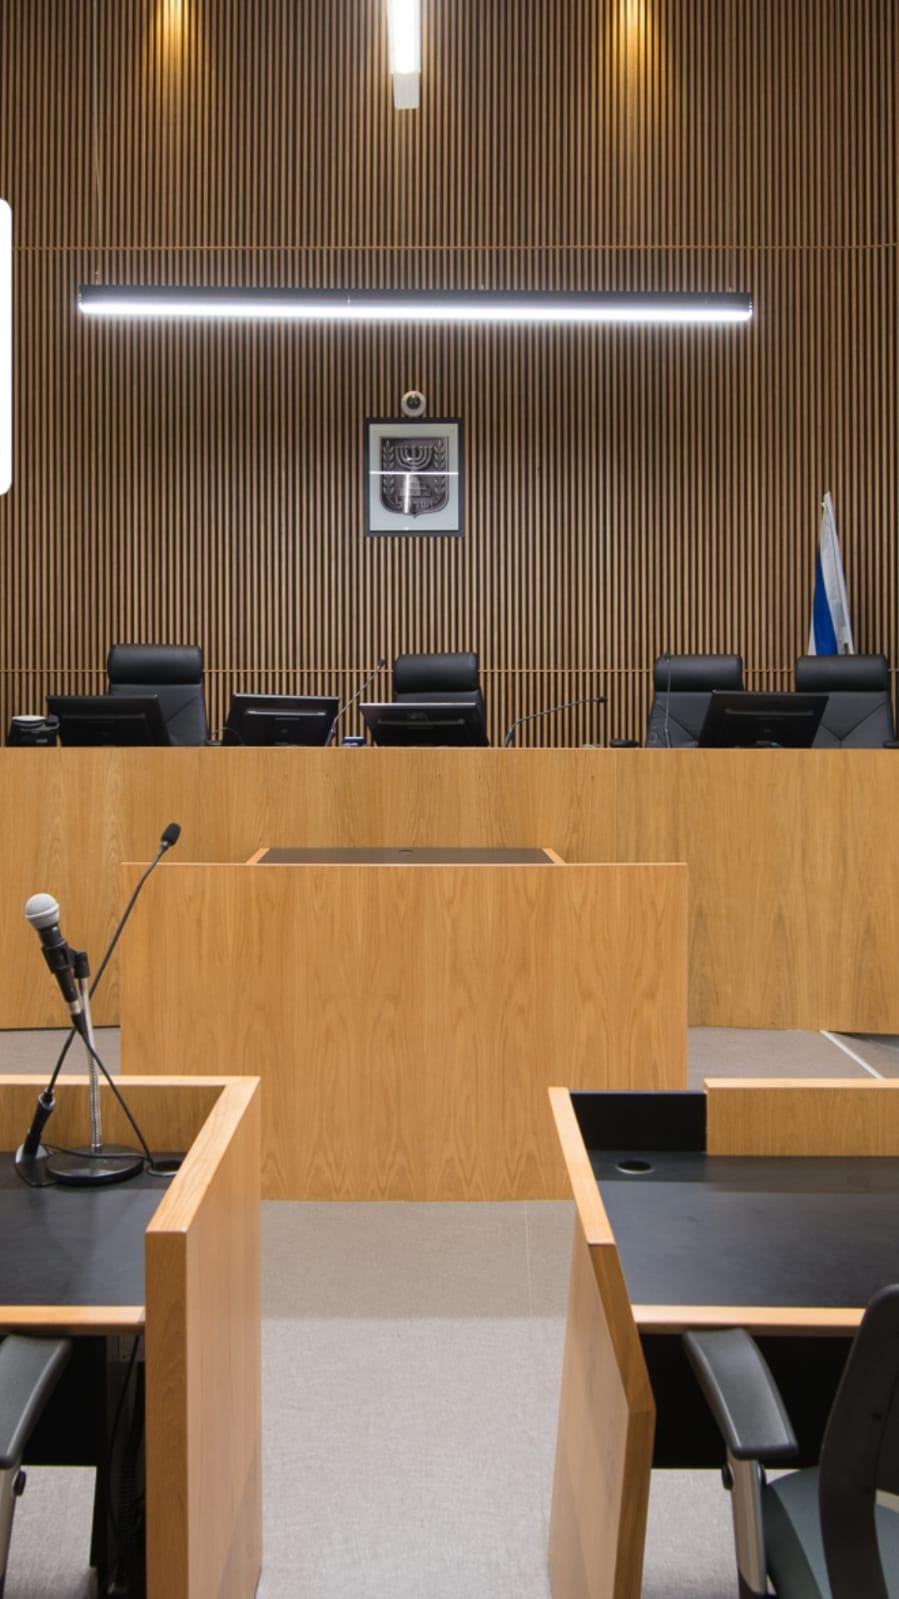 אולם בית משפט השלום בתל אביב, צילום: אבי פוגל